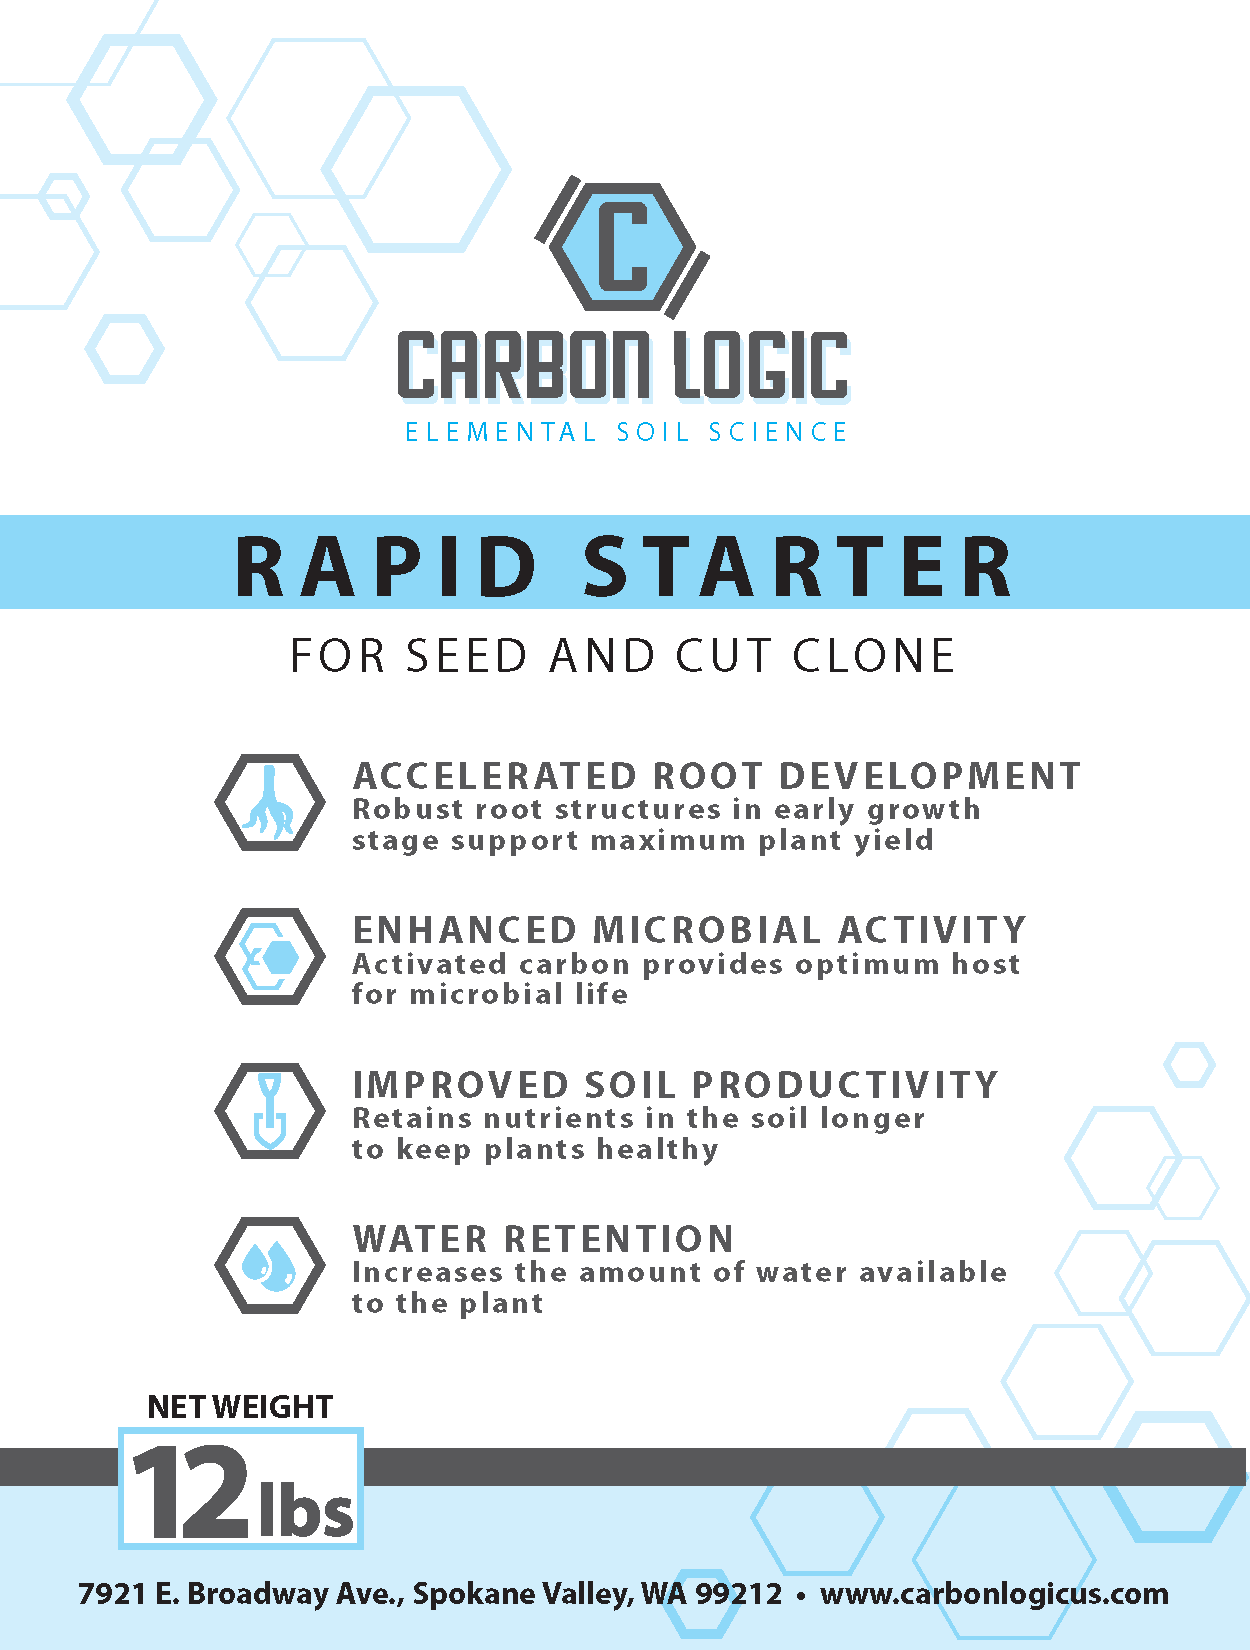 CarbonLogic_Rapid Starter_Certified Kind.png